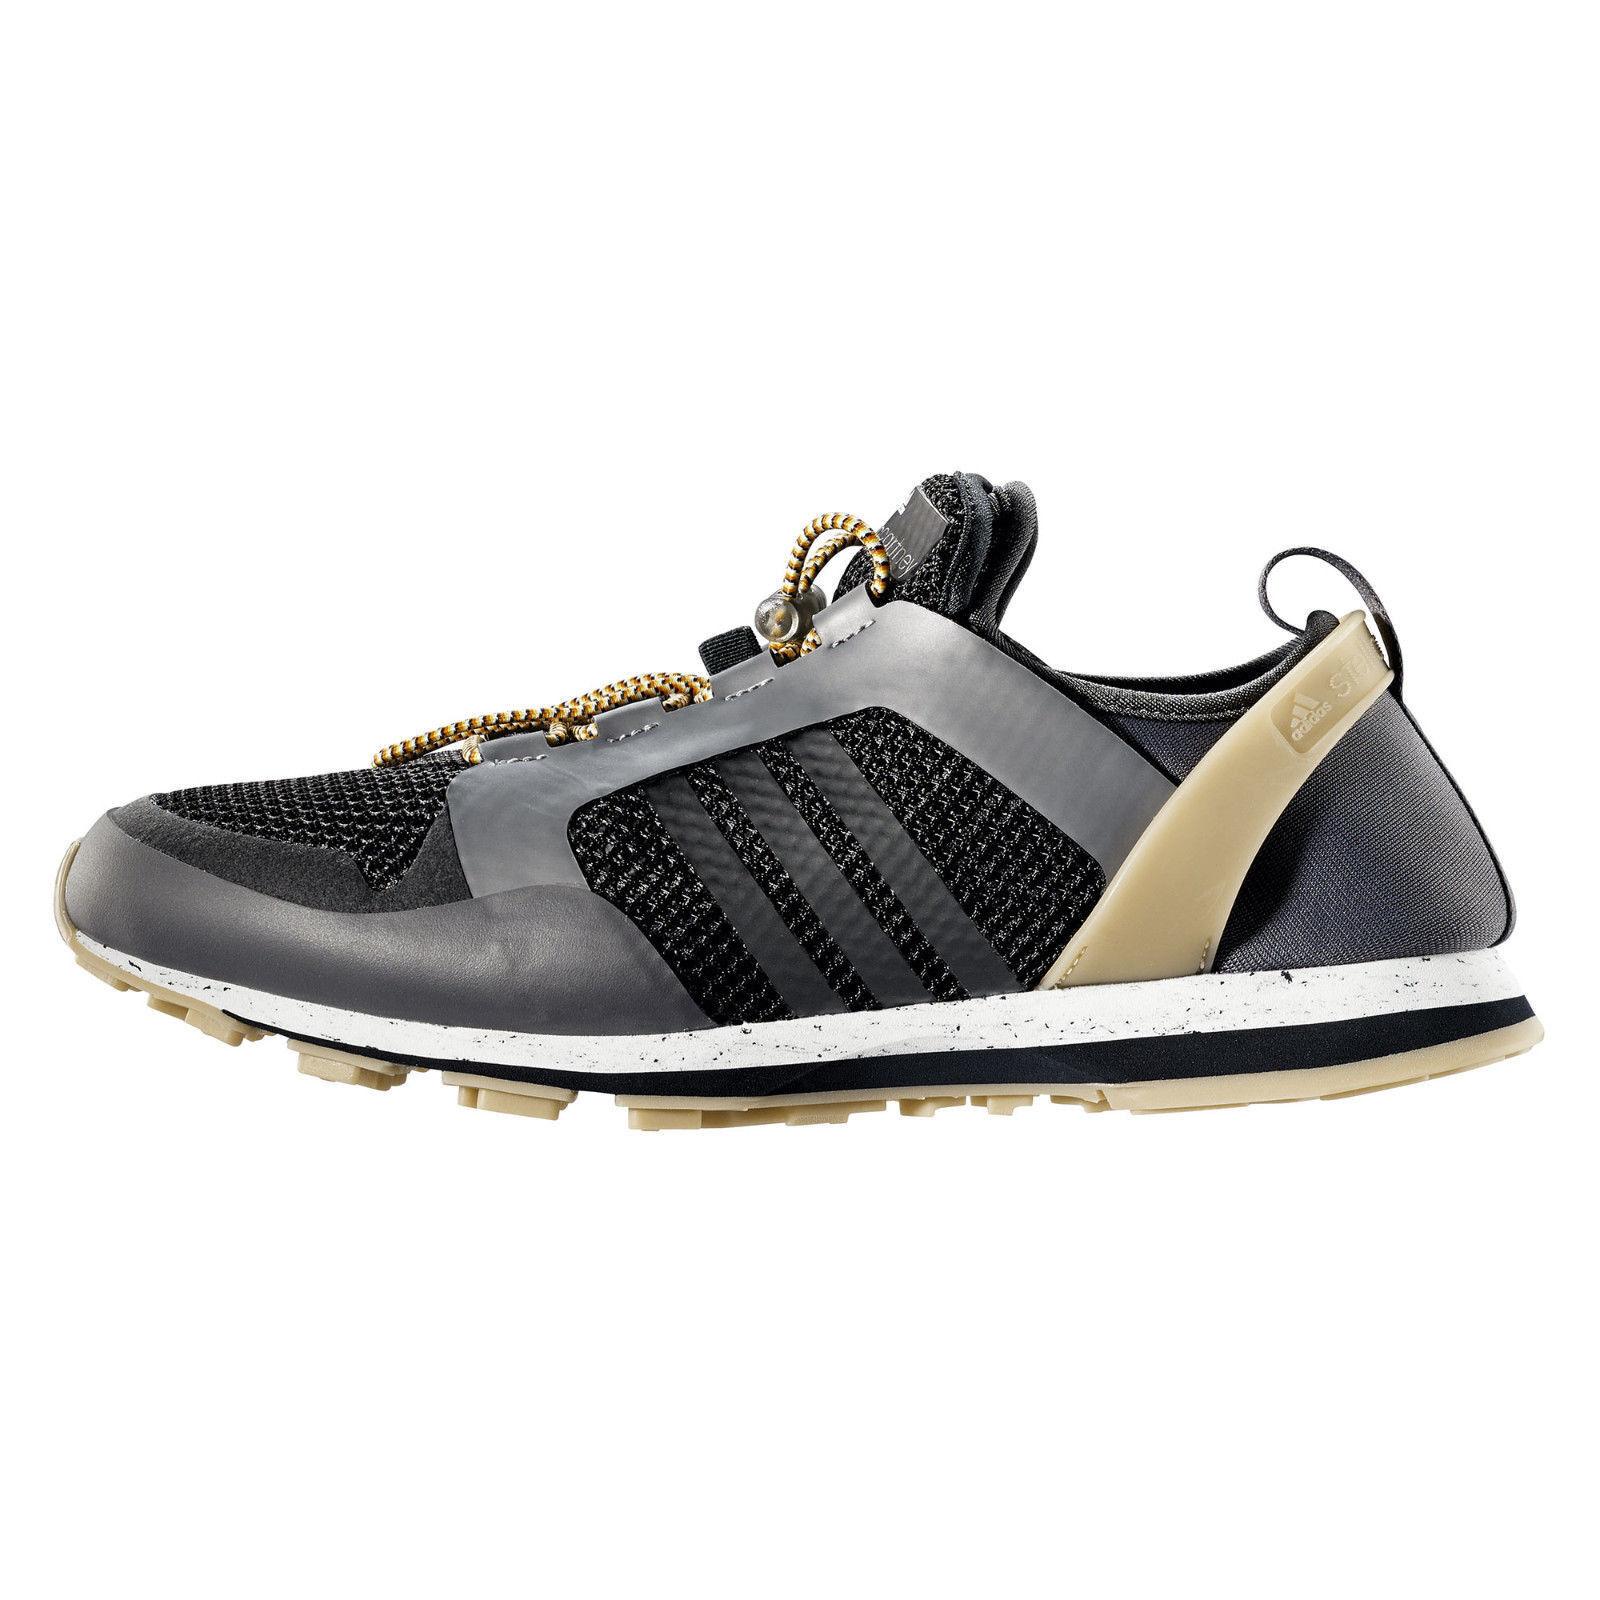 Adidas Frauen Eulampis 2 Lauf & Training Schuh Größe 40 2 3 NEU